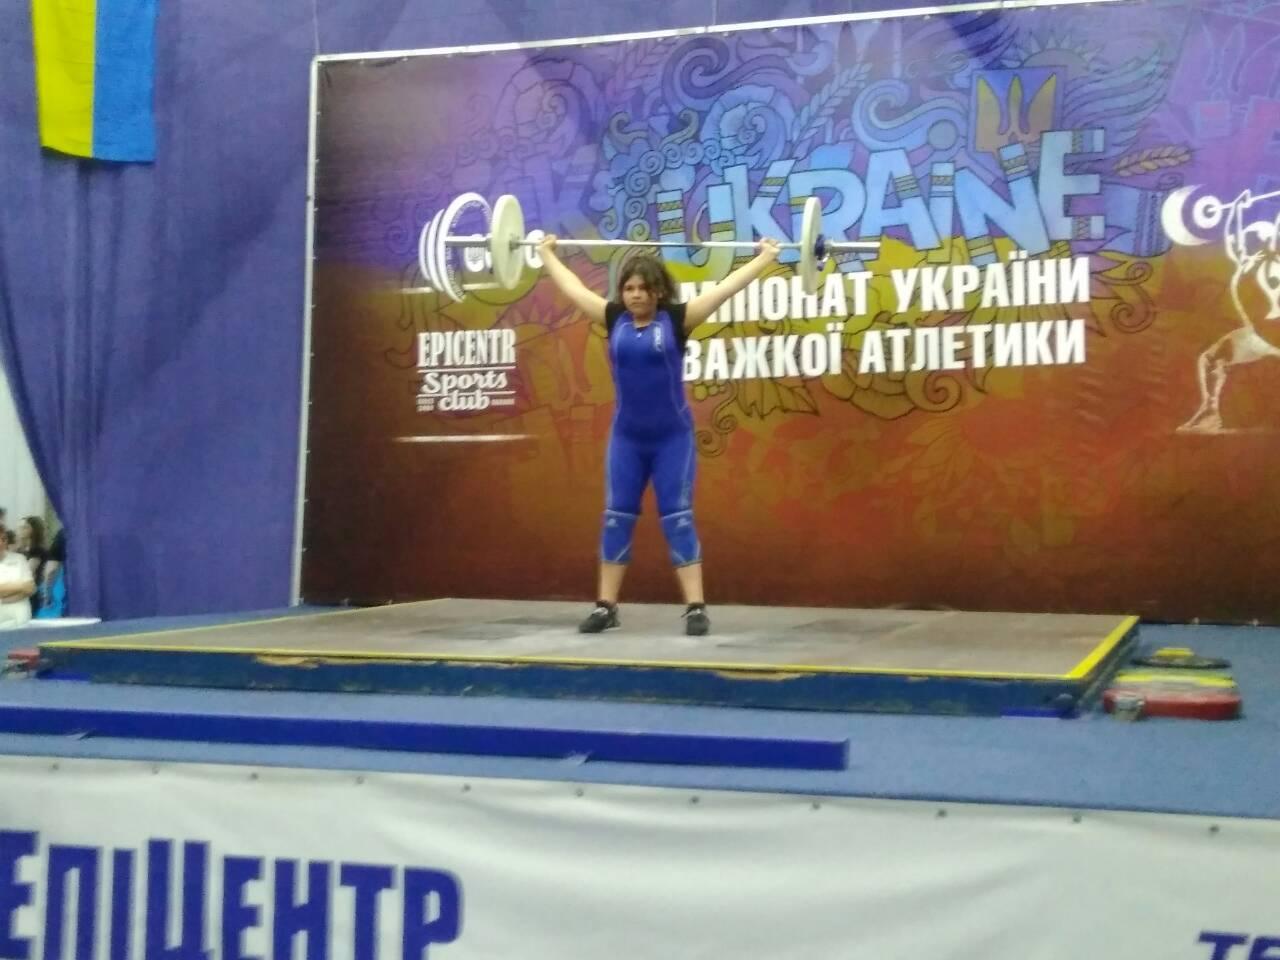 ЧУ важка атлетика, Чорноморськ. Фото